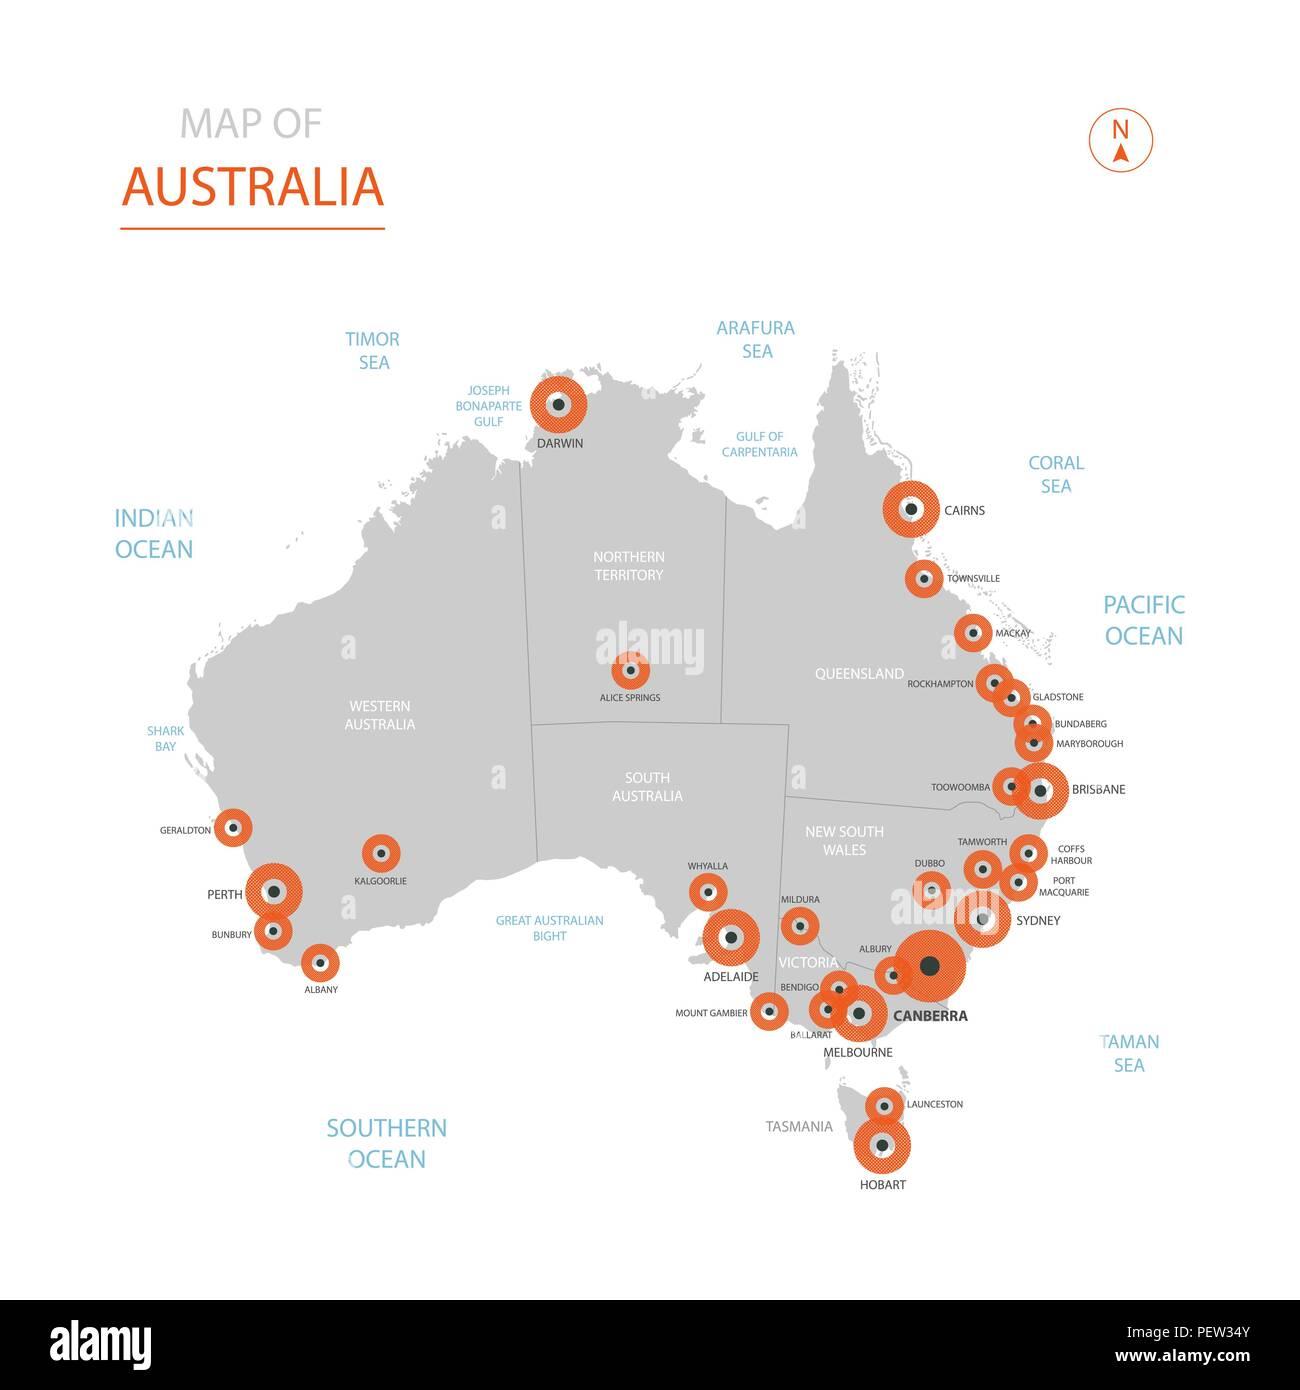 Carte Australie Grande Ville.Vecteur Stylise Australie Carte Montrant Les Grandes Villes La